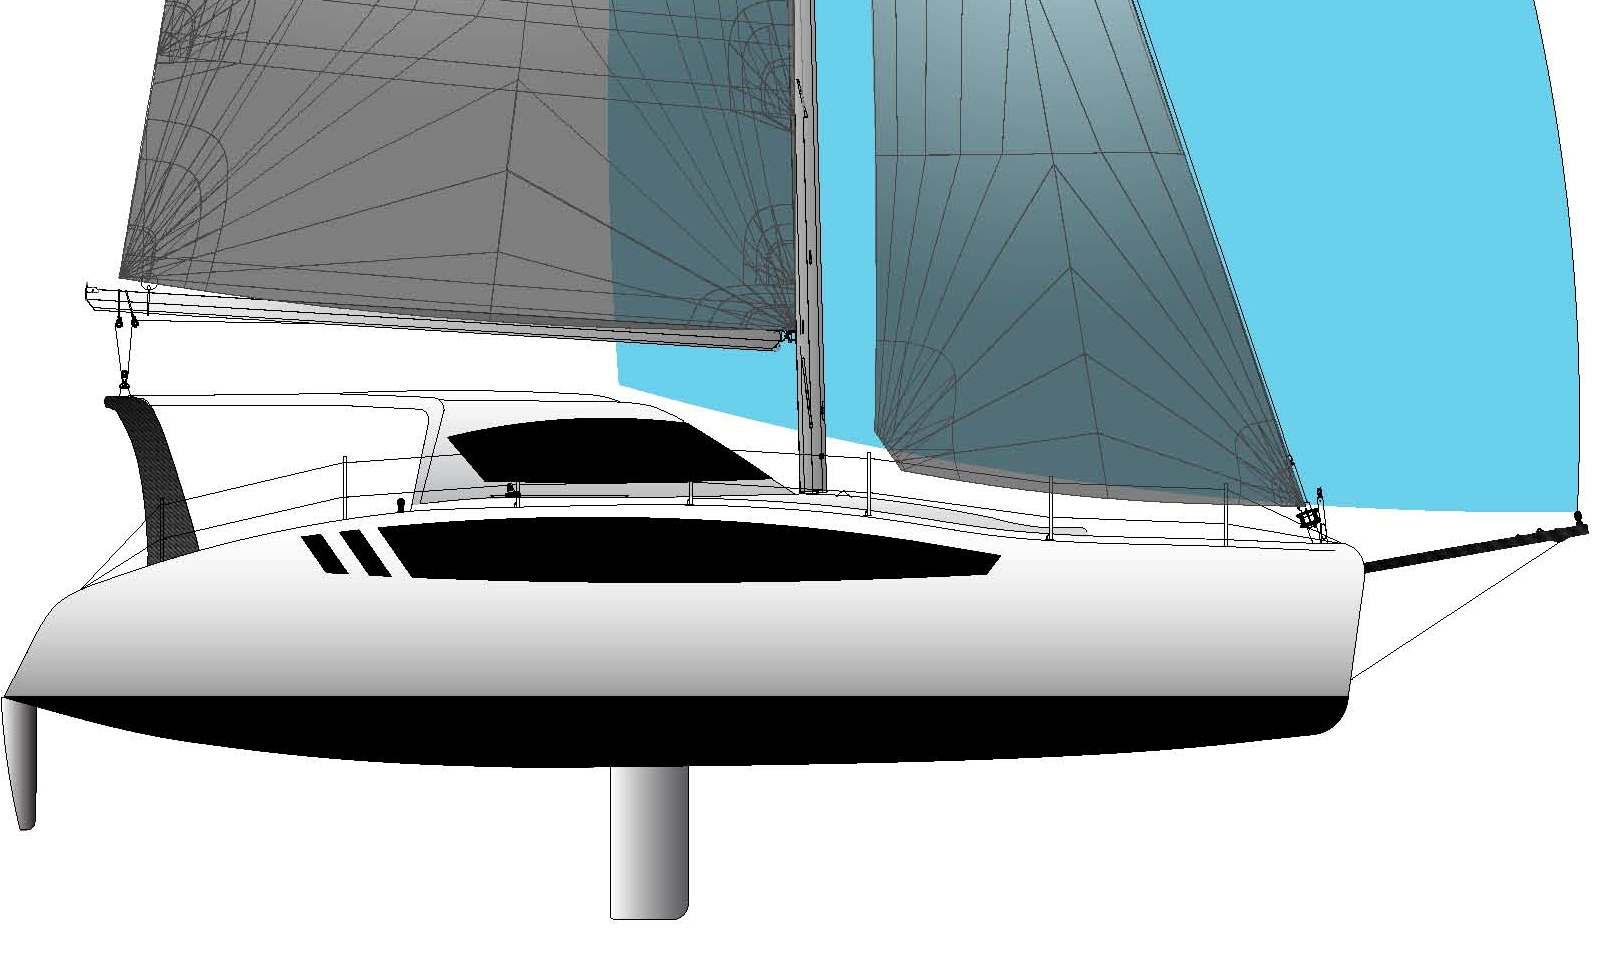 Steckschwert, Steckruder, Gennaker am Bugspriet, die Seawind 1190S verdient die Bezeichnung Performance Cruiser.